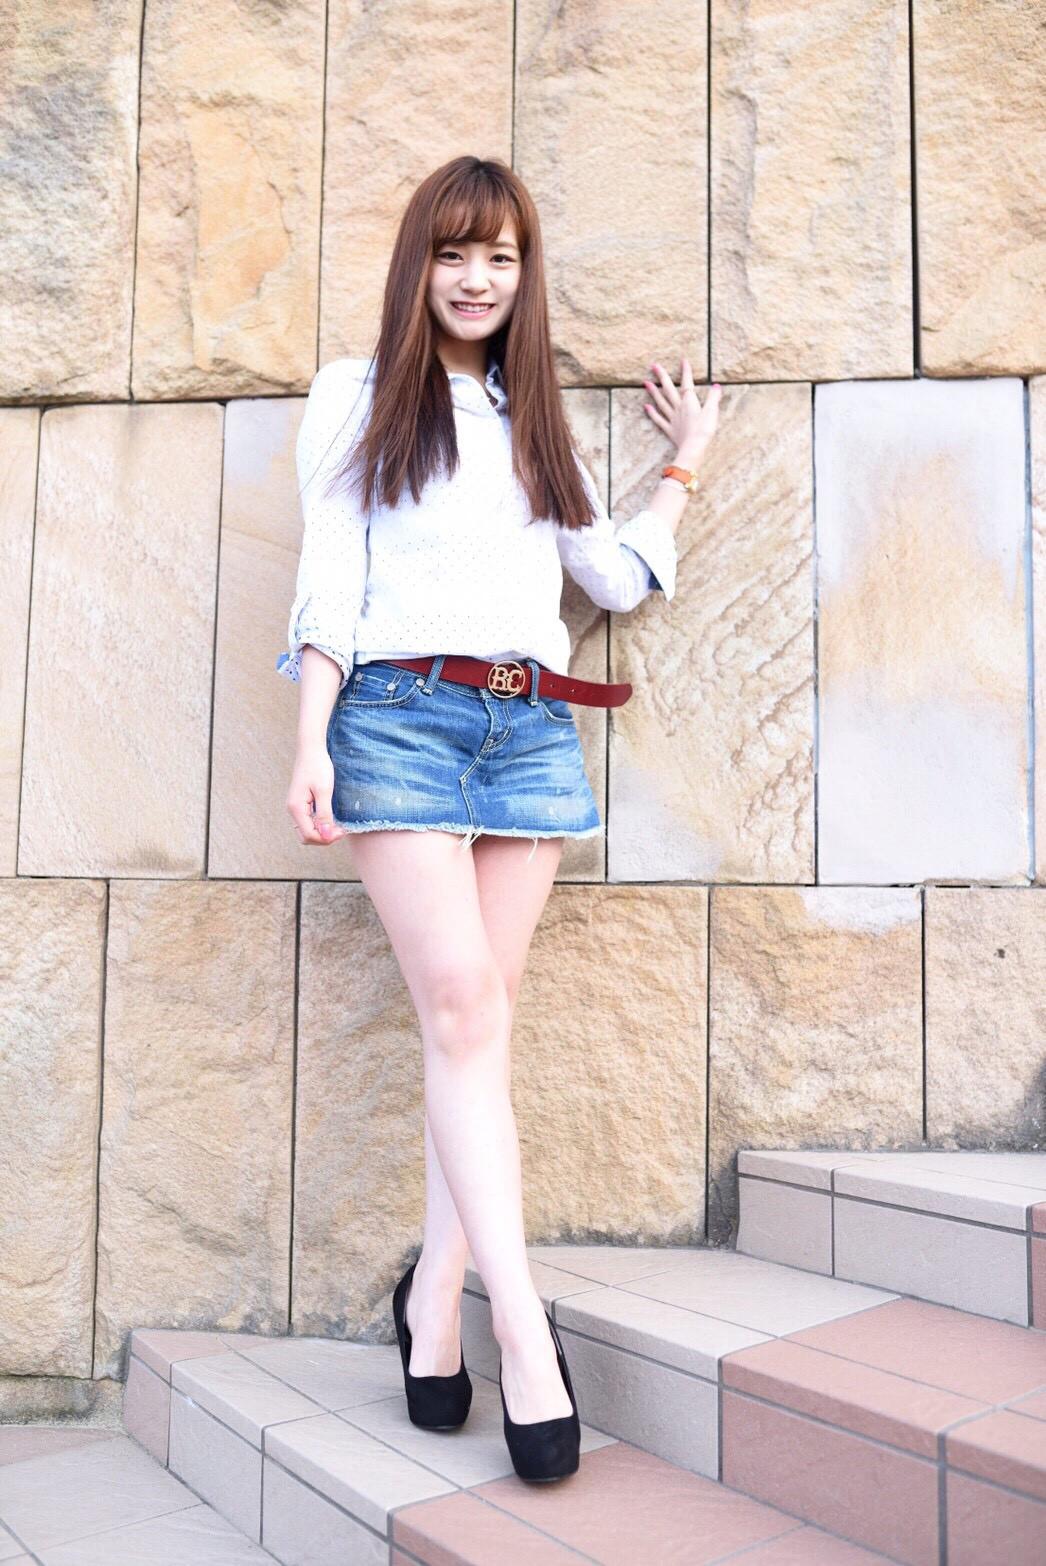 久米 知里 (Chisato Kume)